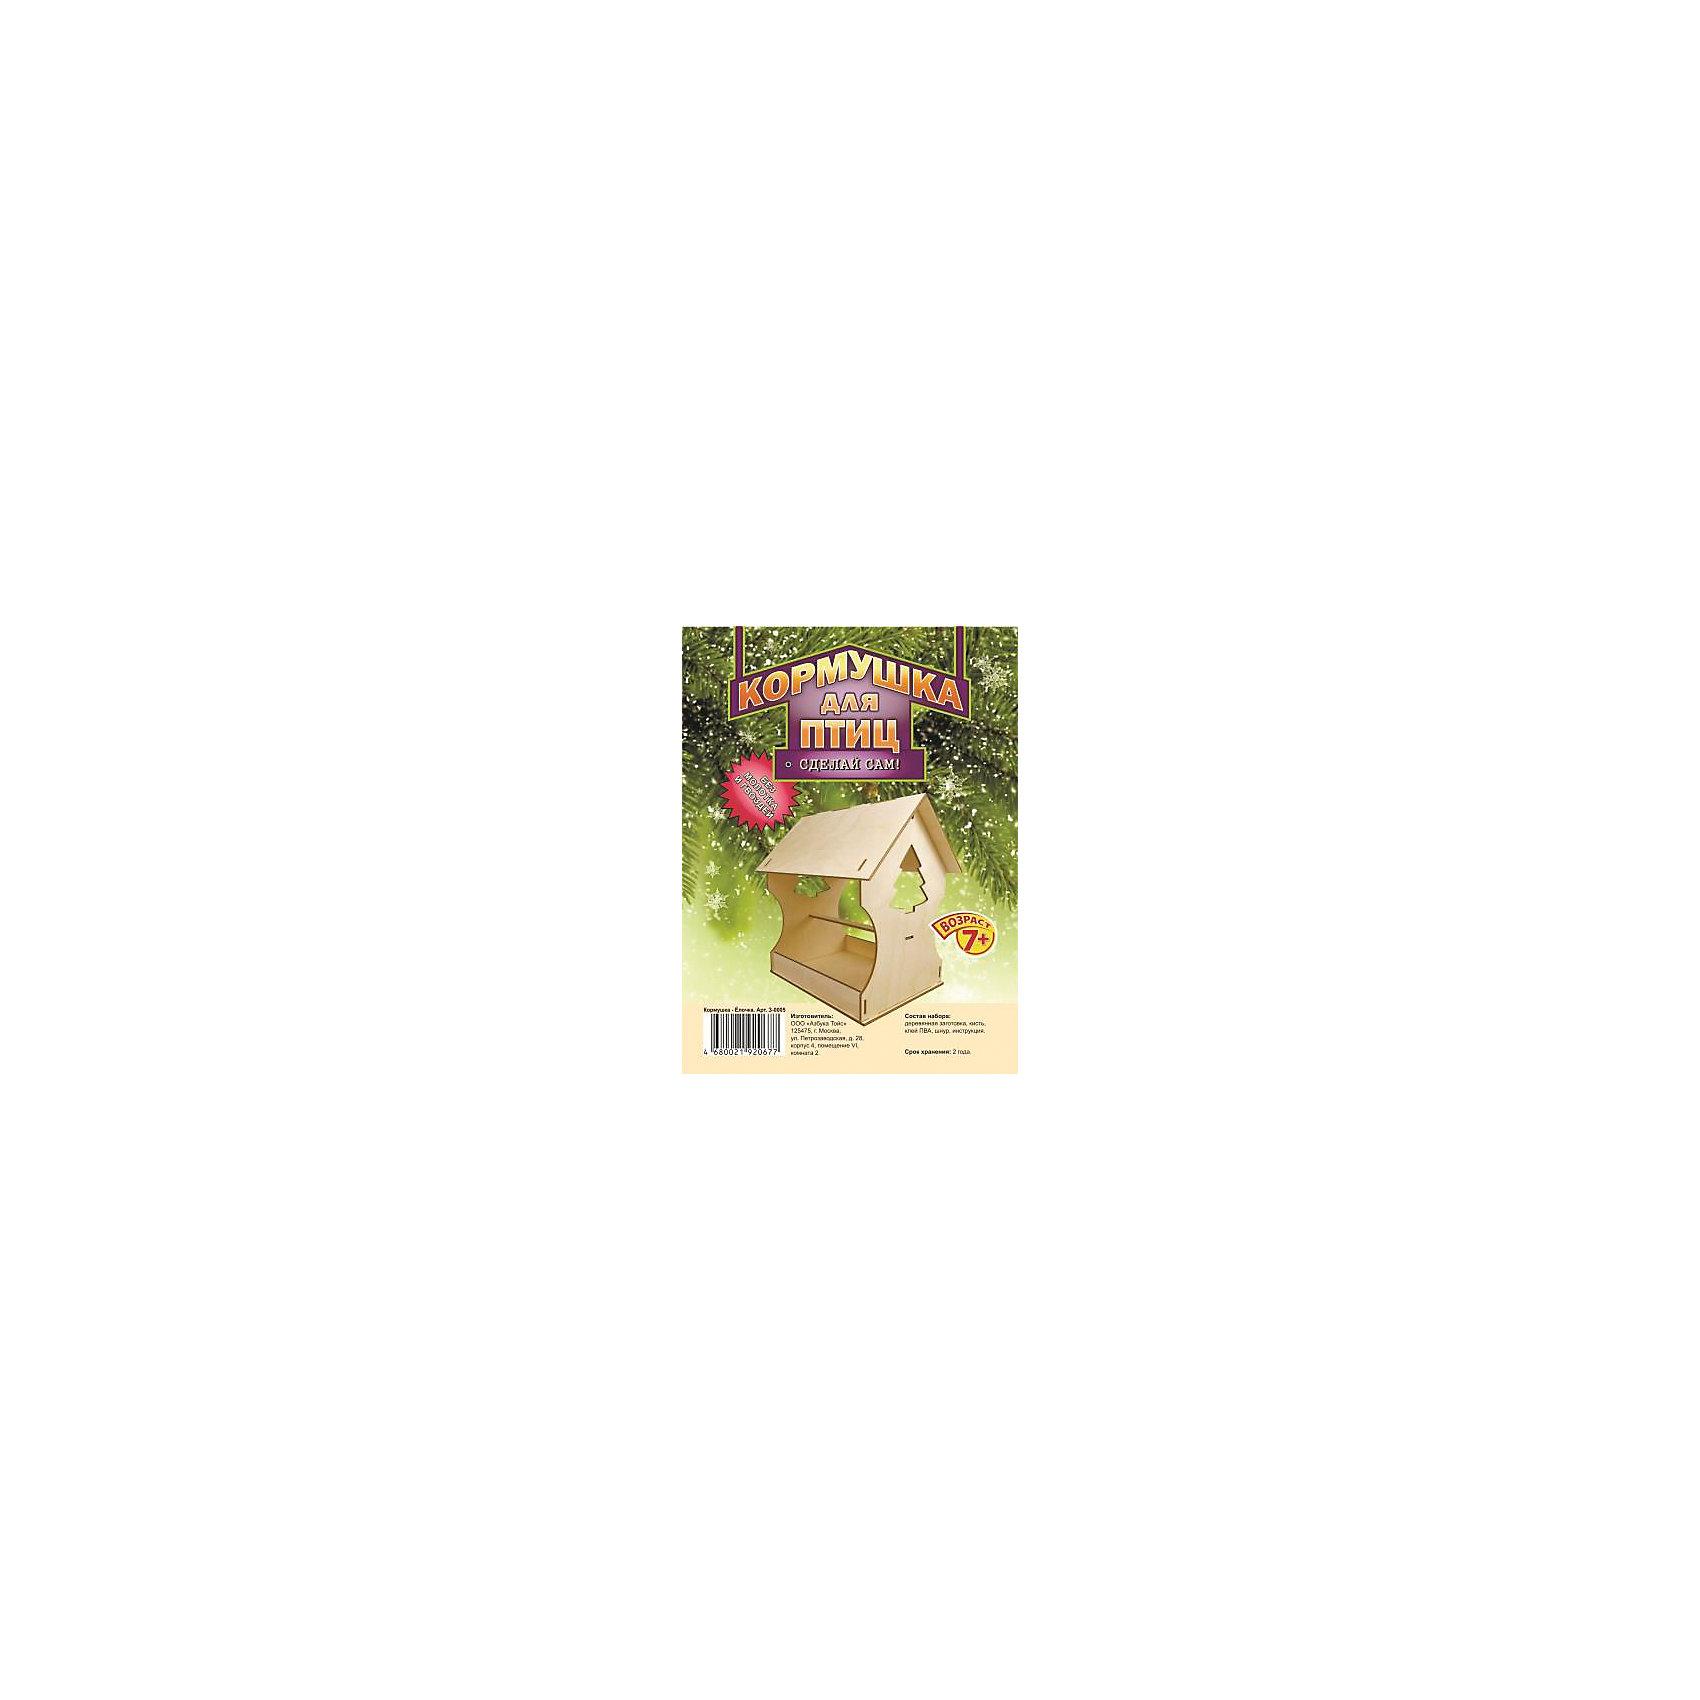 Кормушка для птиц ЁлкаДеревянная заготовка для декорирования Кормушка - это возможность воплотить свои творческие идеи. Подобно профессиональному дизайнеру  кормушку можно декорировать разными способами: расписывать красками, украшать мозаикой и бисером.<br>Кормушка для птиц. Сделай сам без гвоздей и молотка!<br>В состав набора входит: деревянная заготовка.<br>Для детей старше 7 лет. <br>Производитель: Азбука Тойс.<br>Сделано в России.<br><br>Ширина мм: 20<br>Глубина мм: 180<br>Высота мм: 240<br>Вес г: 228<br>Возраст от месяцев: 84<br>Возраст до месяцев: 192<br>Пол: Унисекс<br>Возраст: Детский<br>SKU: 5334758